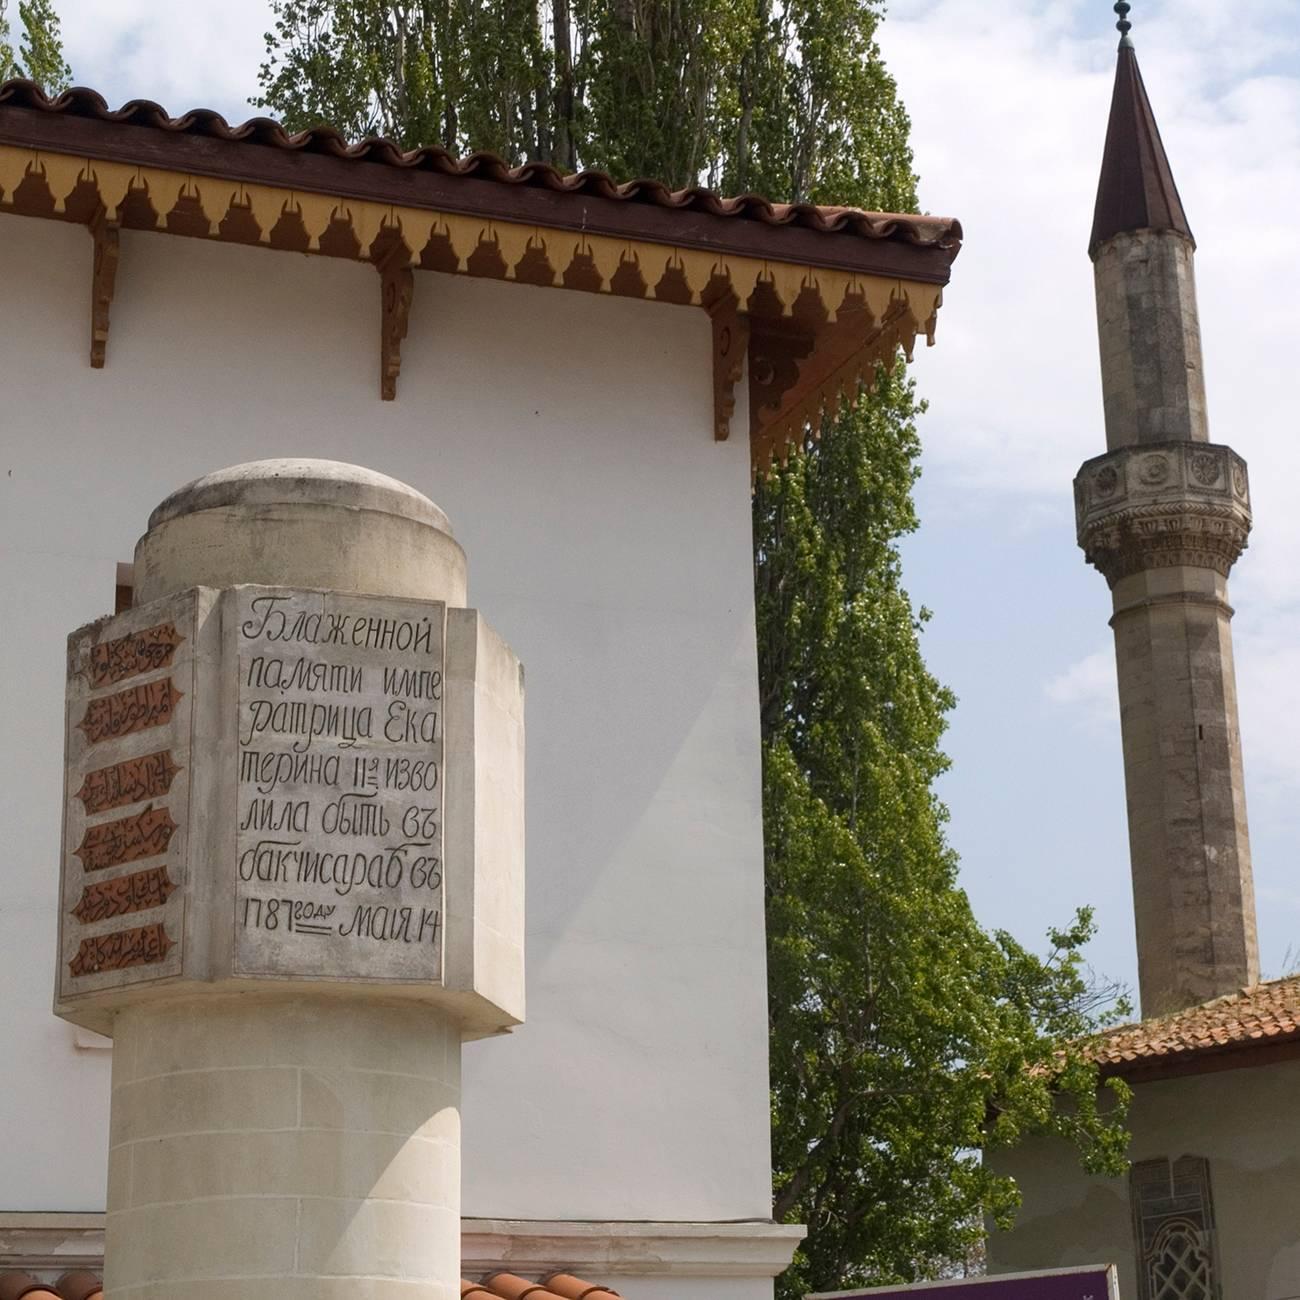 Фото и описание достопримечательностей Севастополя